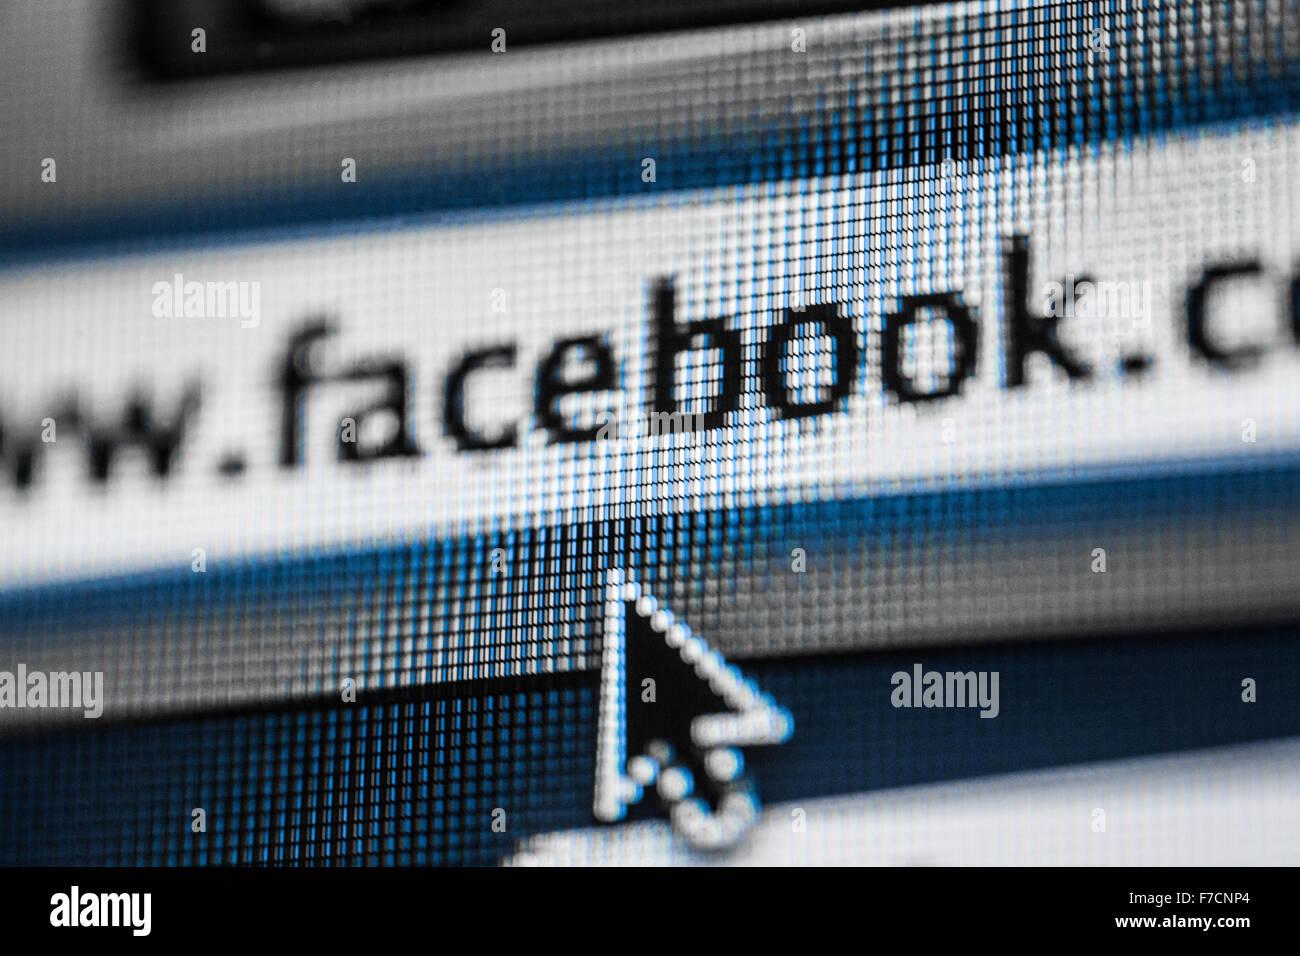 Una fotografía de la dirección de la página web de Facebook Imagen De Stock